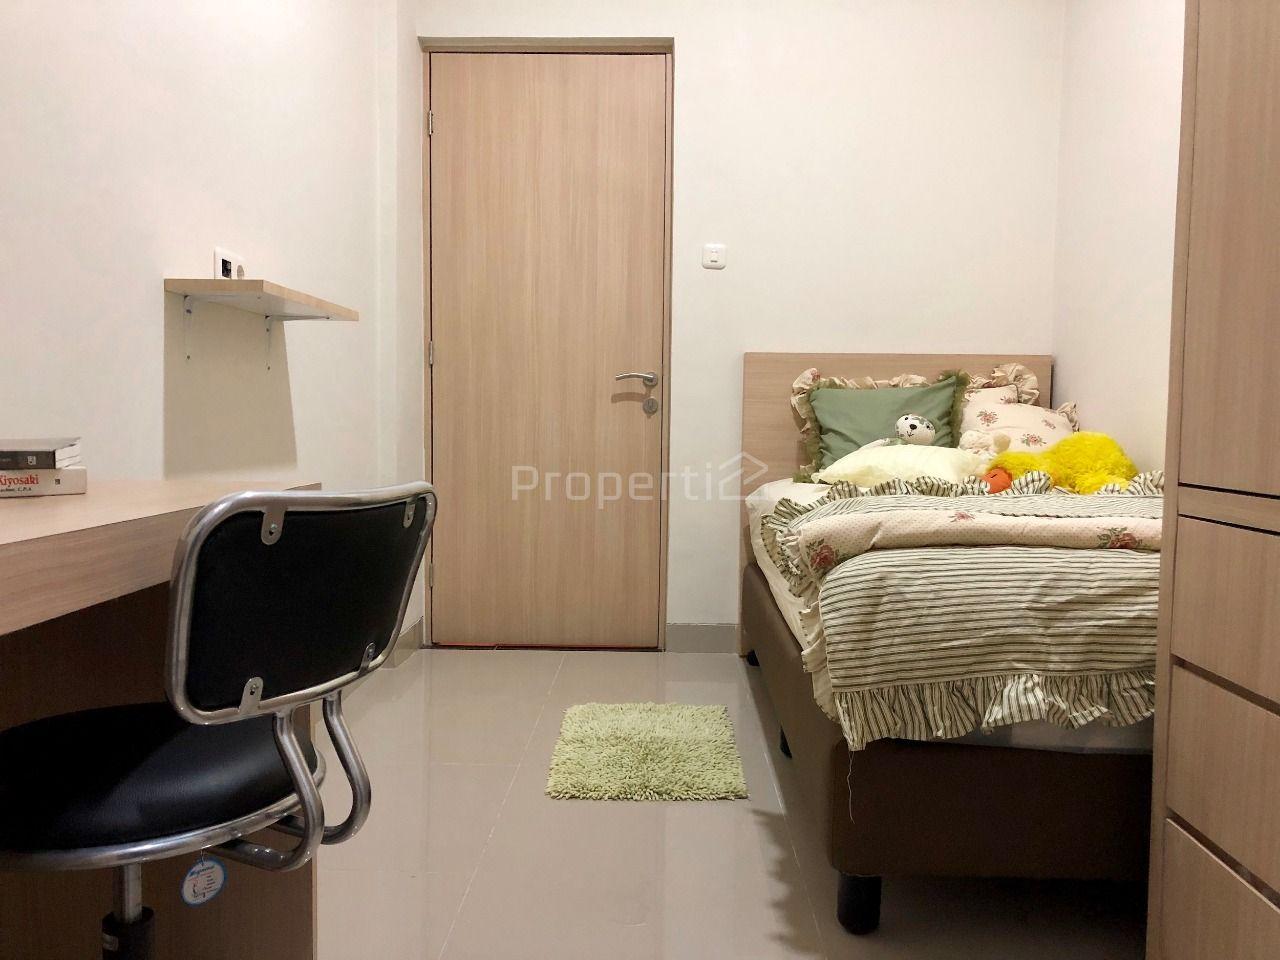 Exclusive Boarding House 4 Floors in Tanjung Duren, Jakarta Barat